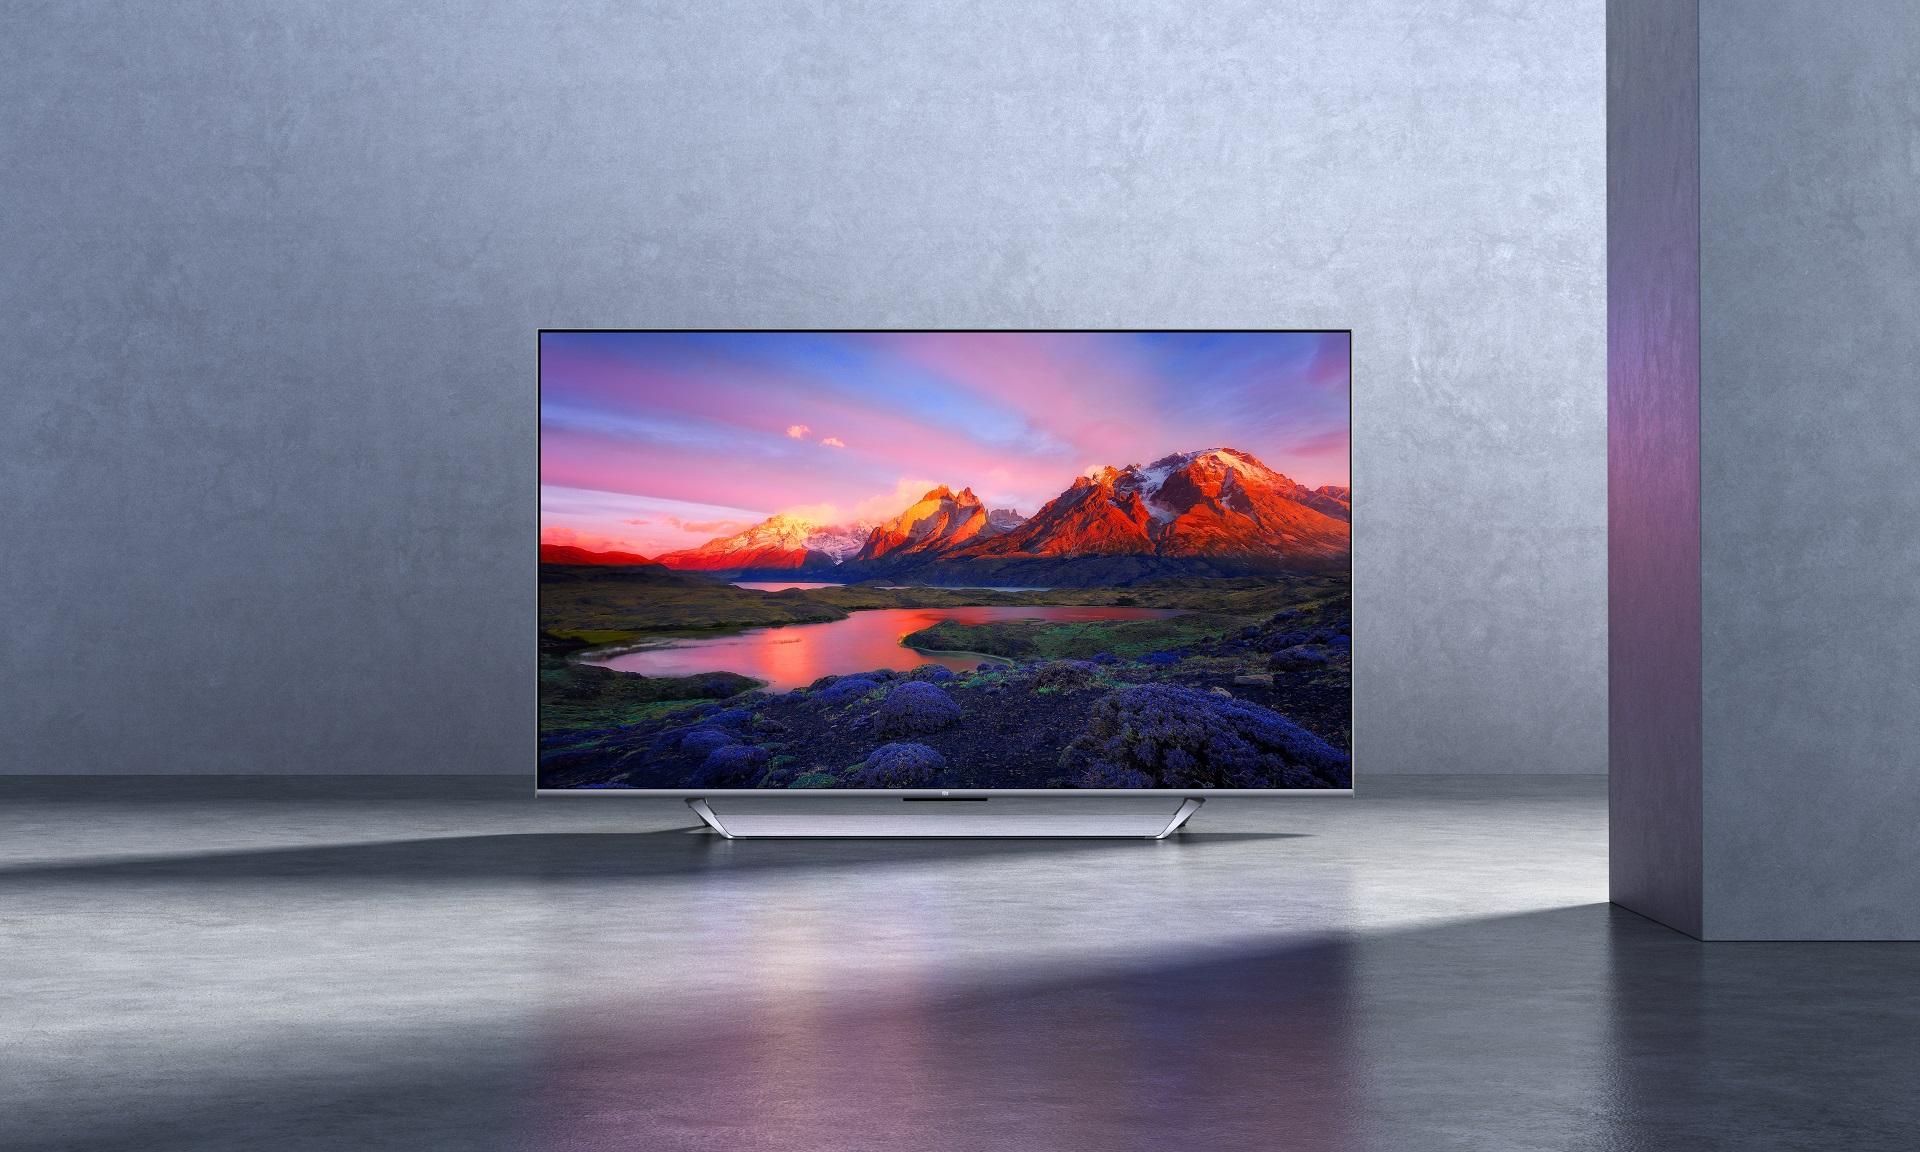 Xiaomi Mi TV Q1 75″ officialisé : QLED, 4K 120 Hz et HDMI 2.1 pour une expérience « premium » - Frandroid